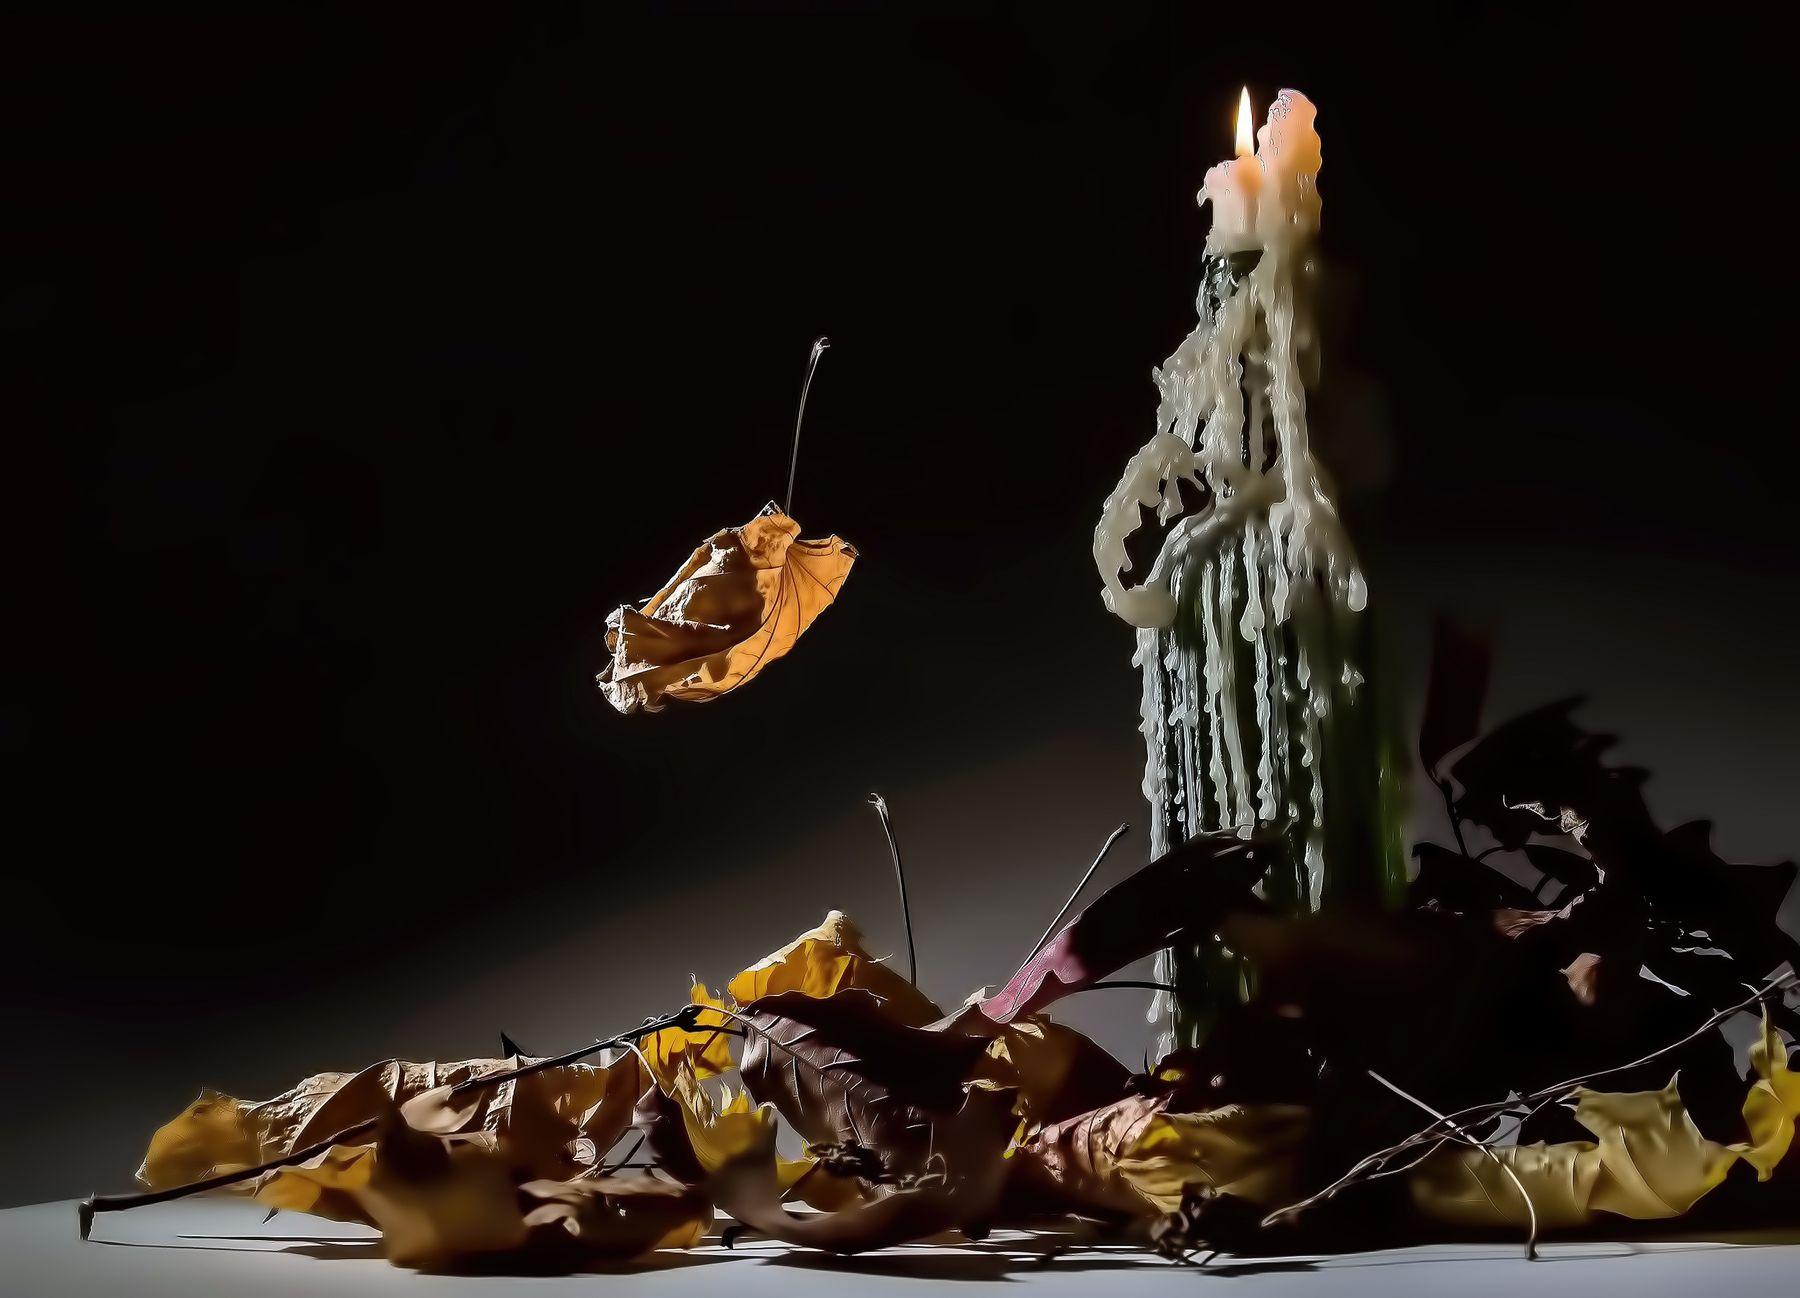 Свеча. свеча бутылка листья парафин осень